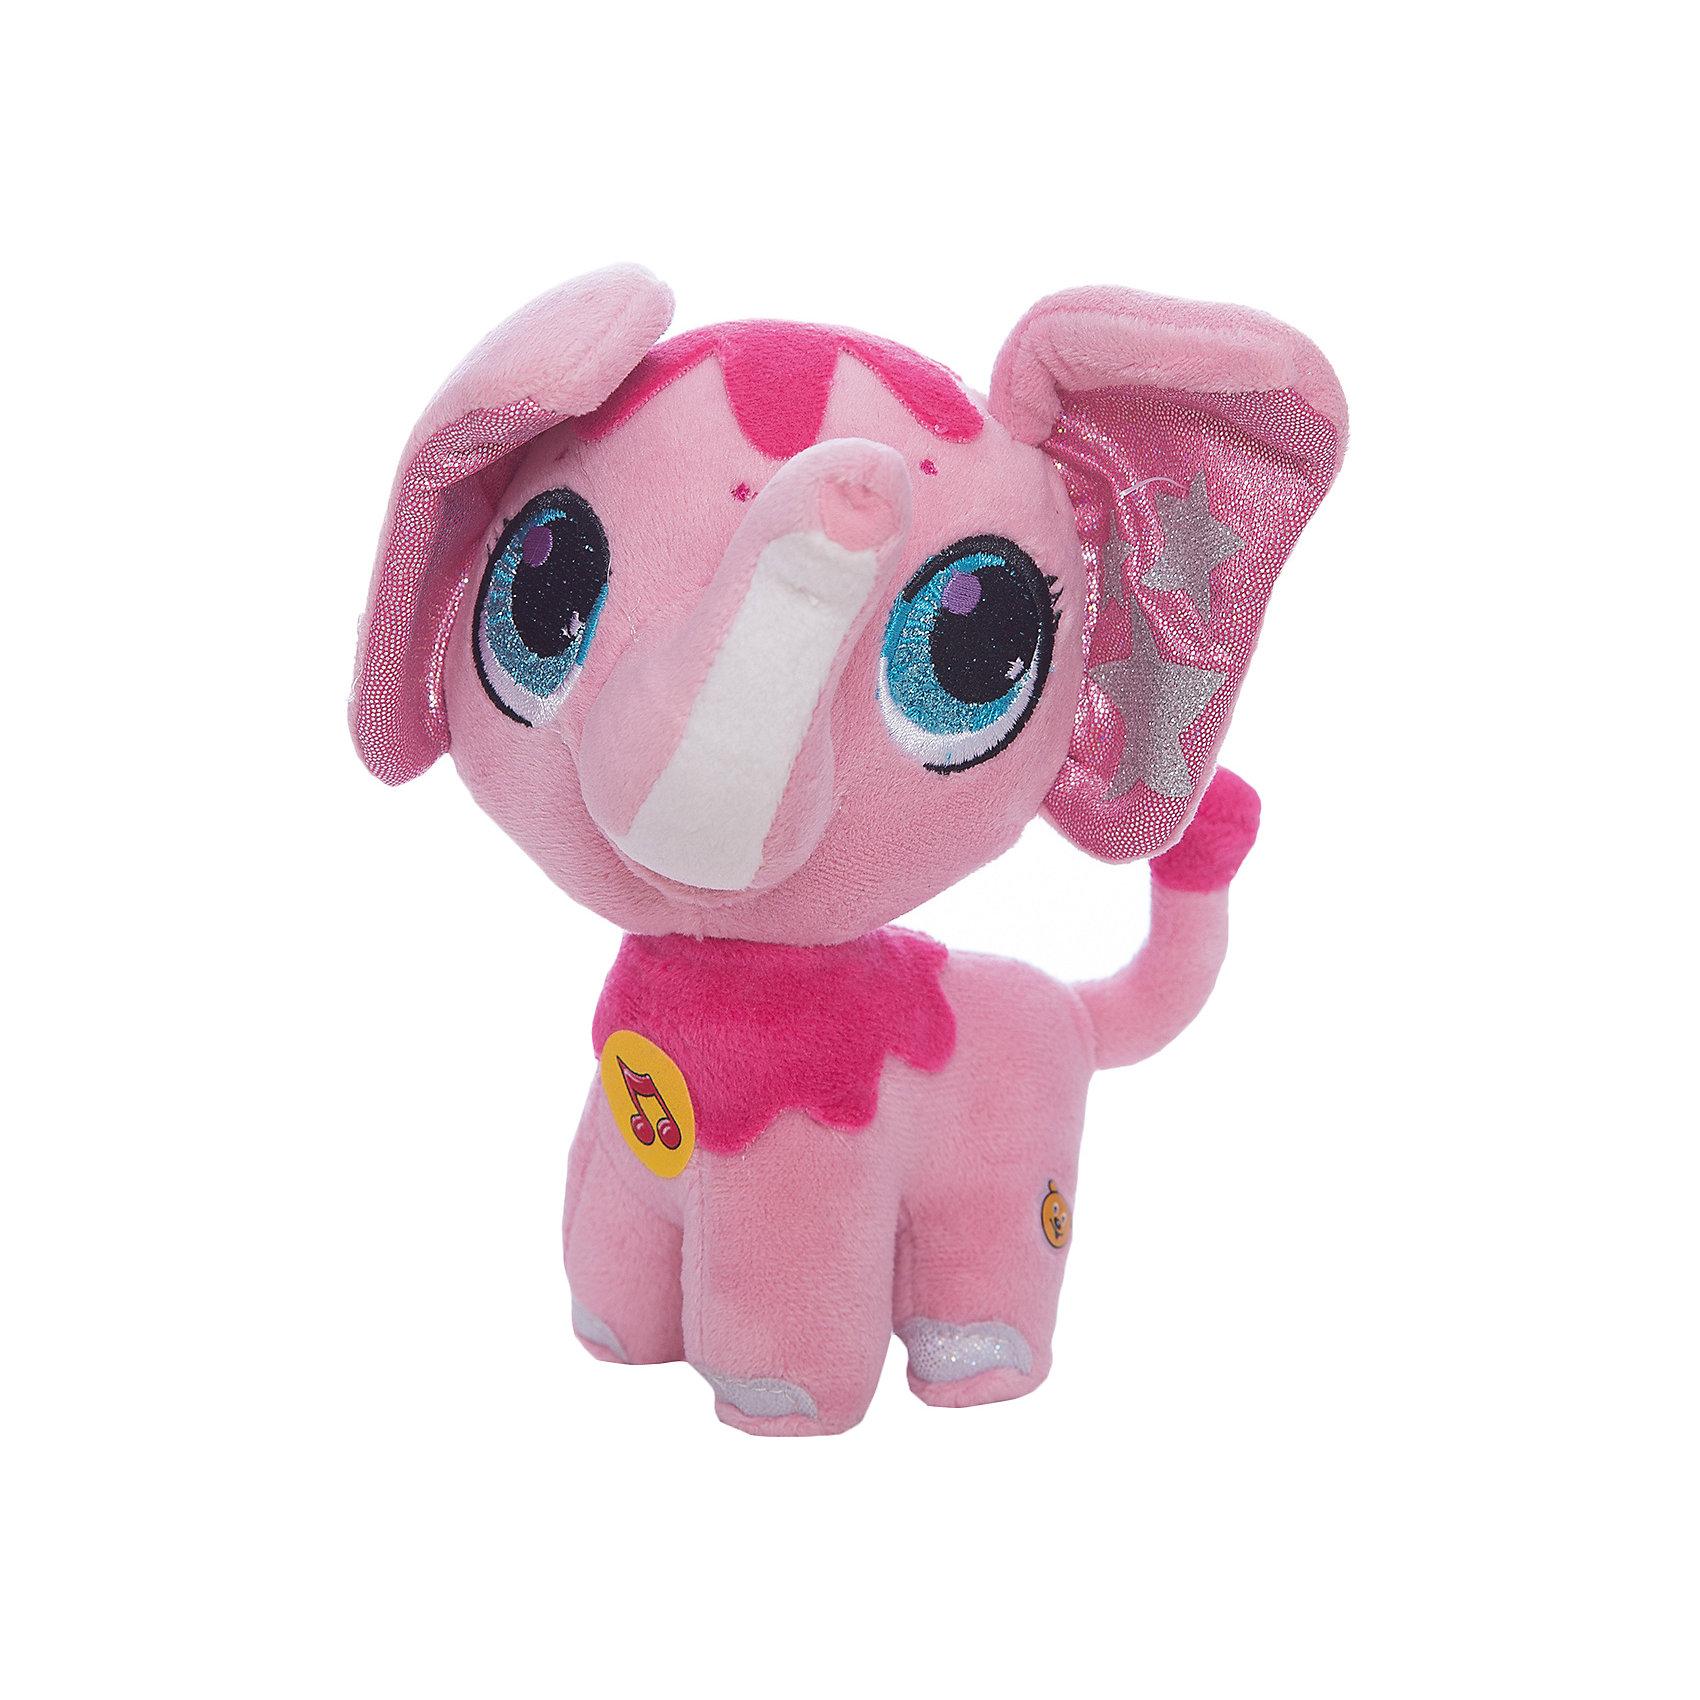 Мягкая игрушка  Слоник, 16 см, со звуком, МУЛЬТИ-ПУЛЬТИЗвери и птицы<br>Мягкая игрушка Слоник со звуком от марки МУЛЬТИ-ПУЛЬТИ<br><br>Очаровательная мягкая игрушка от отечественного производителя сделана в виде симпатичного яркого слоника. Она поможет ребенку проводить время весело и с пользой. В игрушке есть встроенный звуковой модуль, работающий на батарейках.<br>Размер игрушки универсален - 16 сантиметров, её удобно брать с собой в поездки и на прогулку. Сделана она из качественных и безопасных для ребенка материалов, которые еще и приятны на ощупь. <br><br>Отличительные особенности  игрушки:<br><br>- материал: текстиль, пластик;<br>- звуковой модуль;<br>- язык: русский;<br>- работает на батарейках;<br>- высота: 16 см.<br><br>Мягкую игрушку Слоник от марки МУЛЬТИ-ПУЛЬТИ можно купить в нашем магазине.<br><br>Ширина мм: 260<br>Глубина мм: 340<br>Высота мм: 320<br>Вес г: 110<br>Возраст от месяцев: 36<br>Возраст до месяцев: 84<br>Пол: Унисекс<br>Возраст: Детский<br>SKU: 4659483